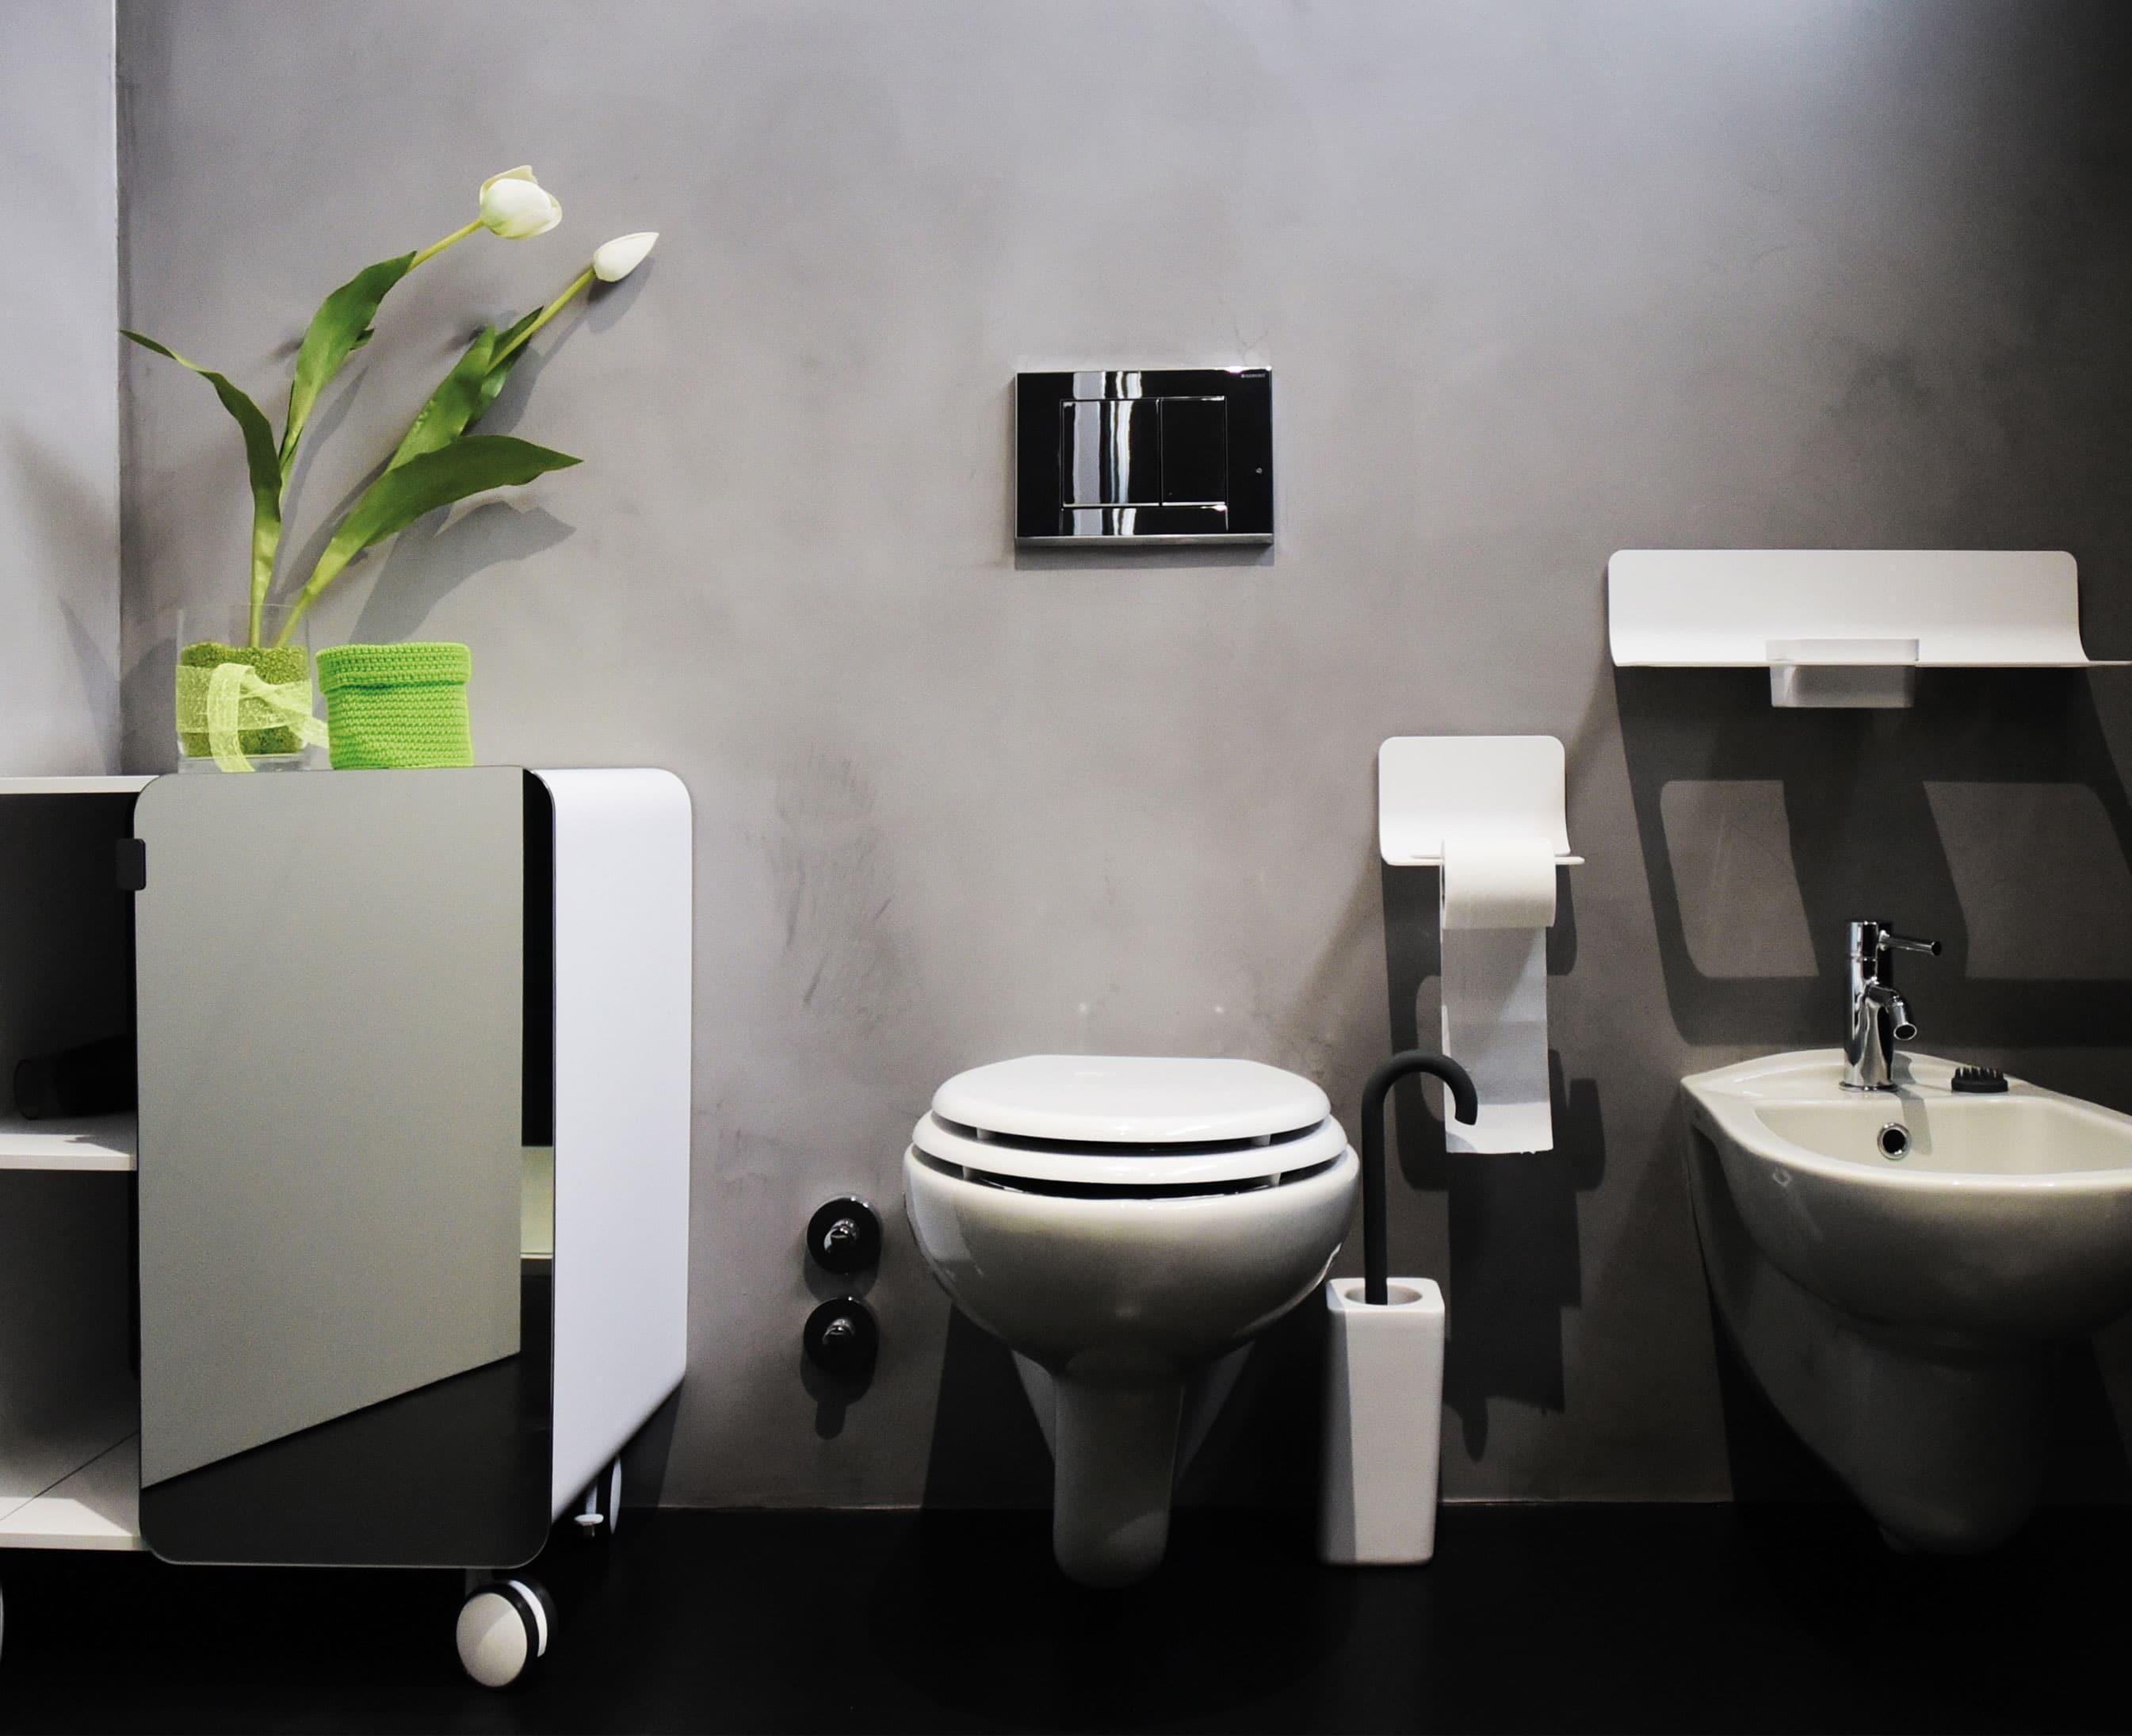 Arredo bagno habitare casa design esclusivo per mobili for Bagno accessori e mobili arredo bagno